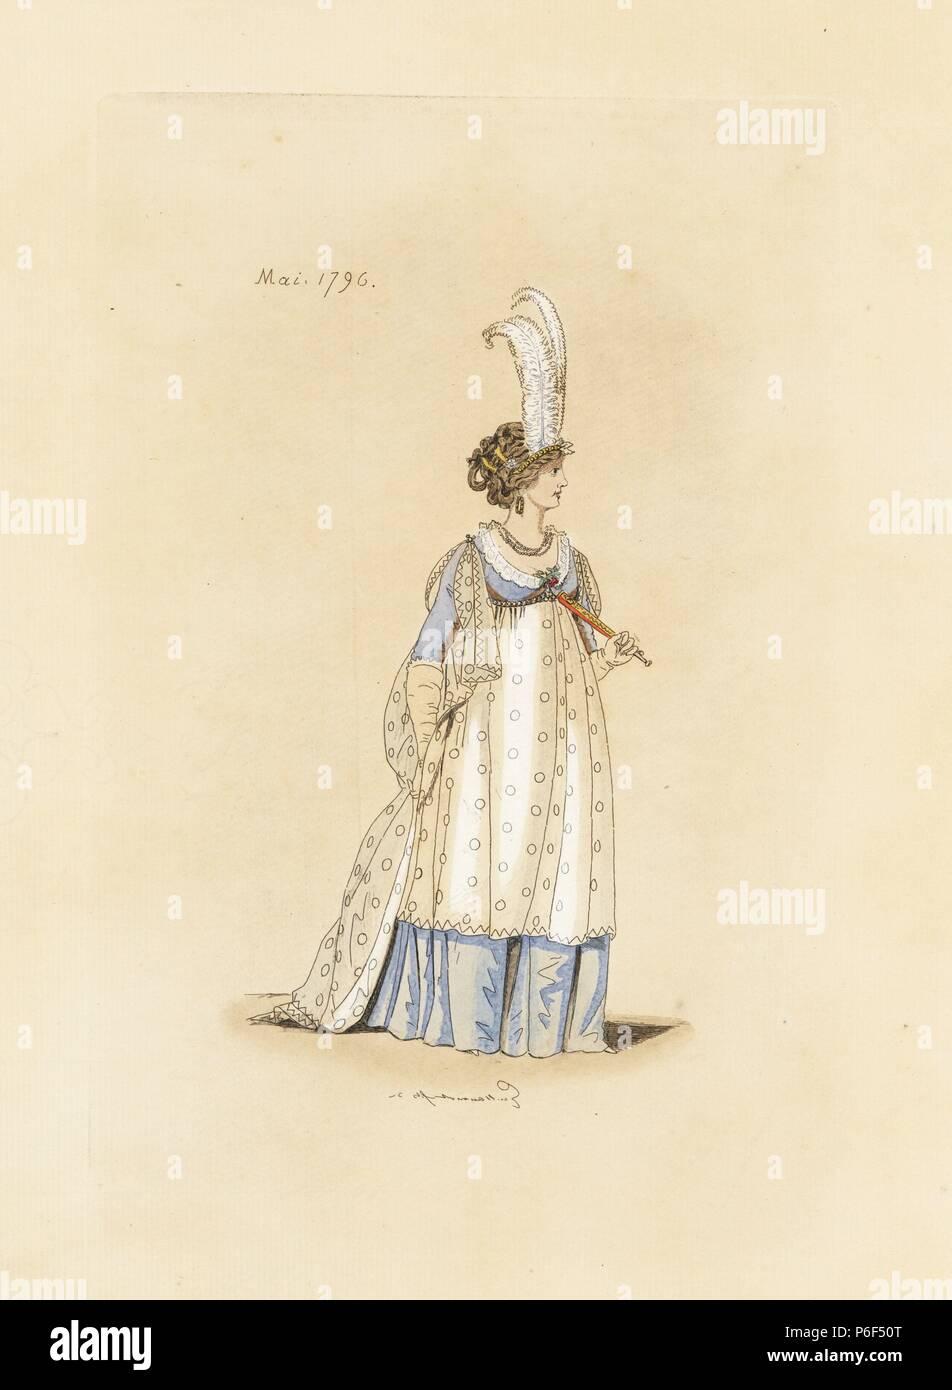 englisch frau in der mode des mai 1796. sie trägt eine tiara